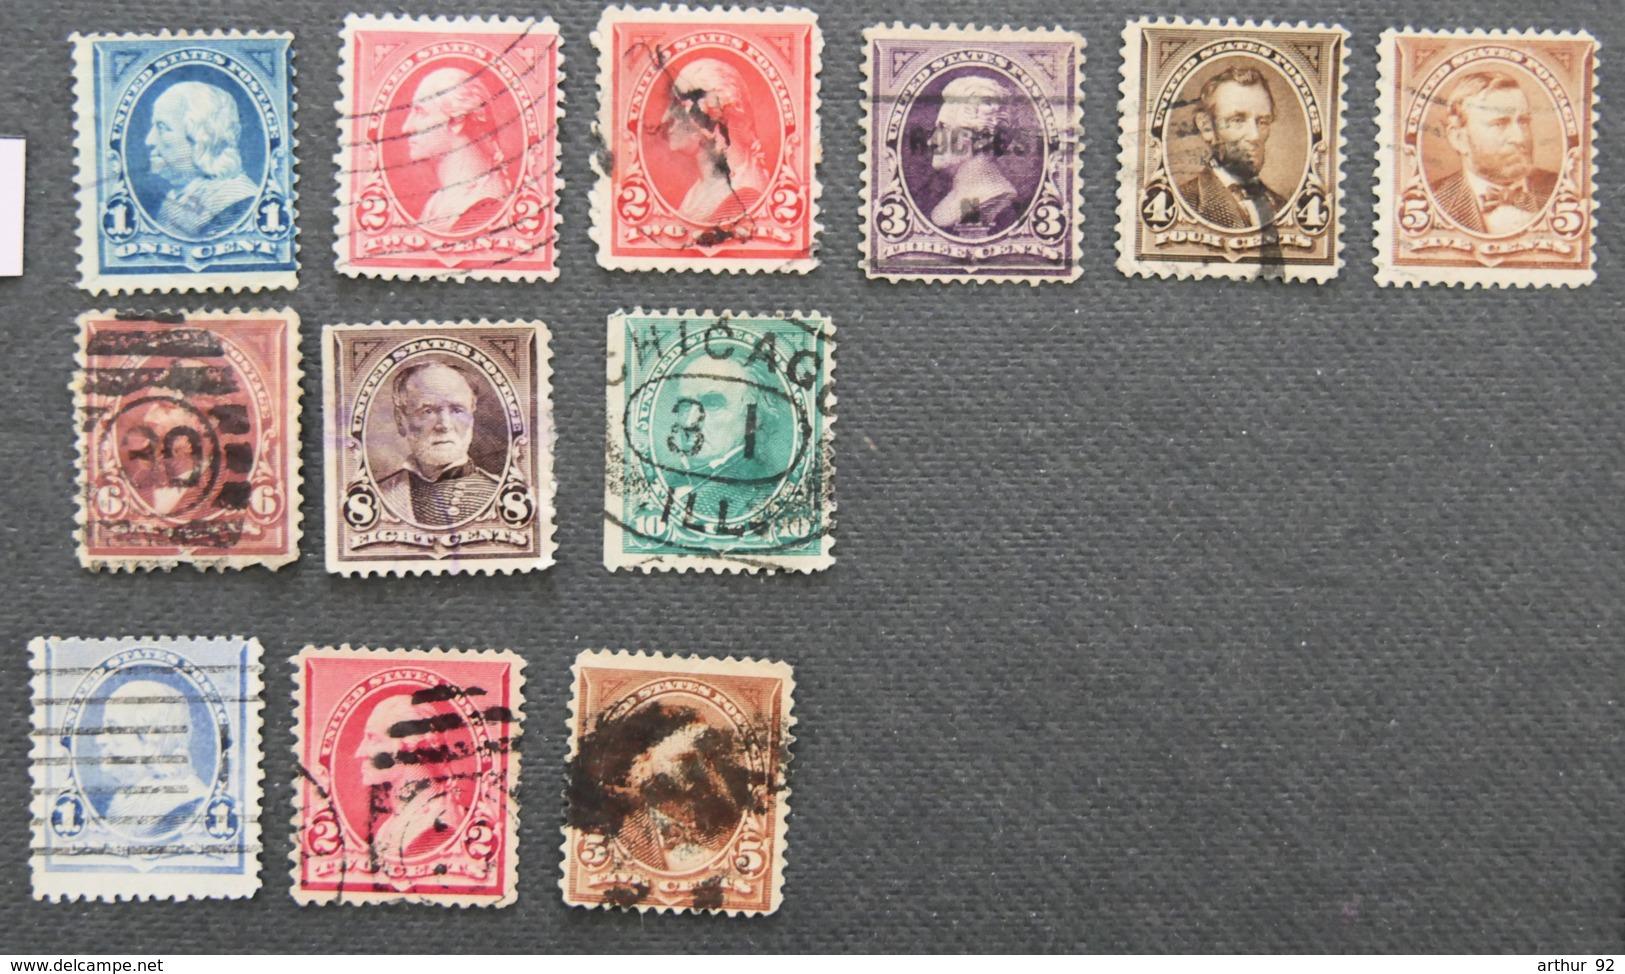 USA - ETATS UNIS D AMERIQUE - 1894  - YT 97 à 104 + 110 + 111 + 114 - PRESIDENTS - Gebraucht